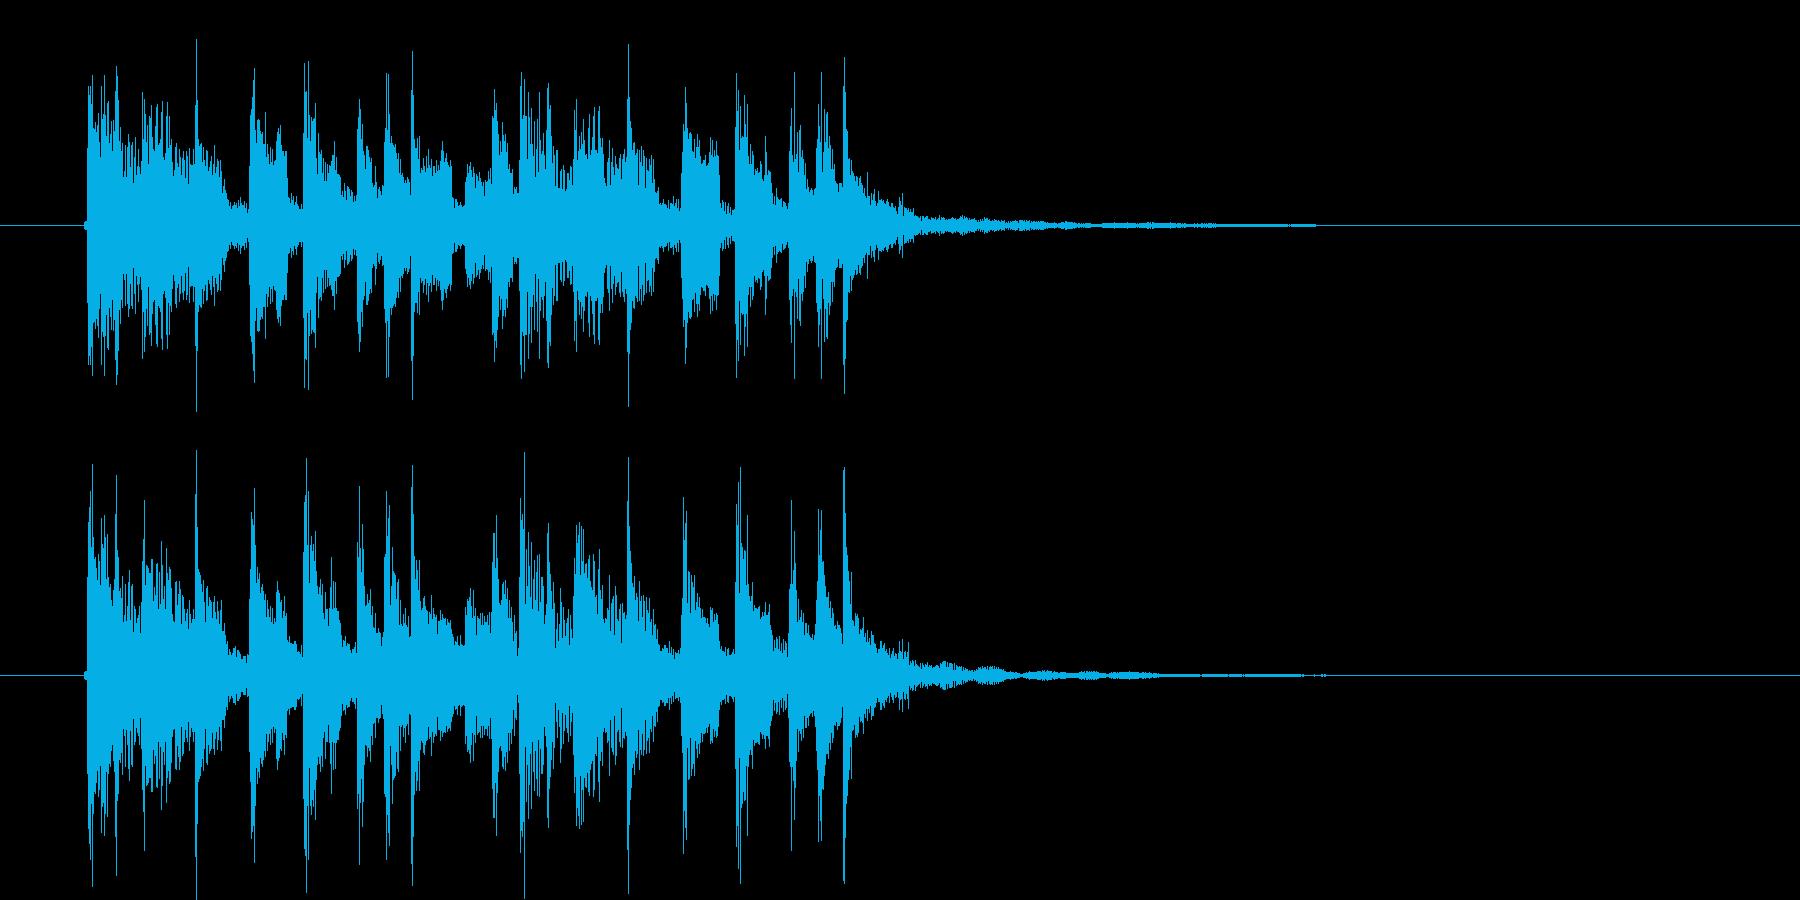 リズミカルで流暢なシンセジングルの再生済みの波形